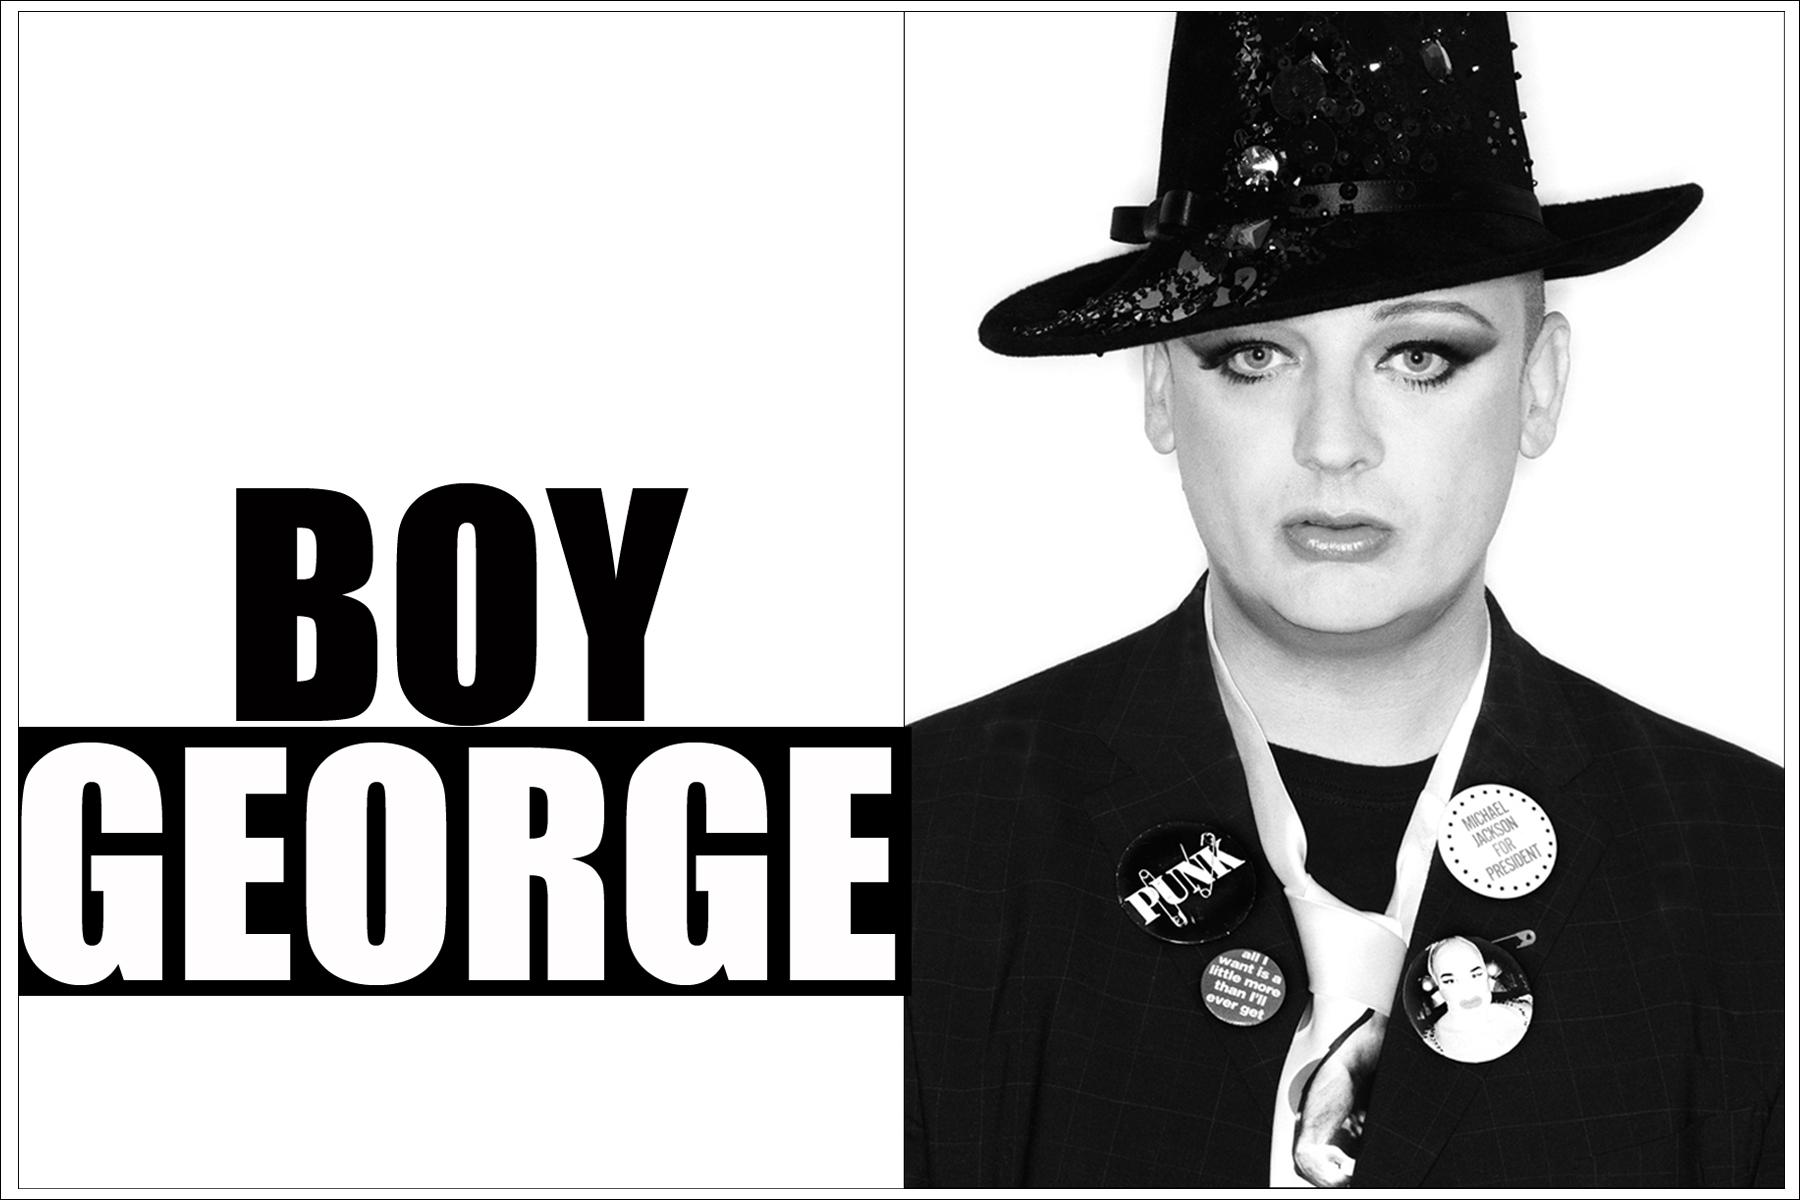 Boy-George-Tearsheet.jpg